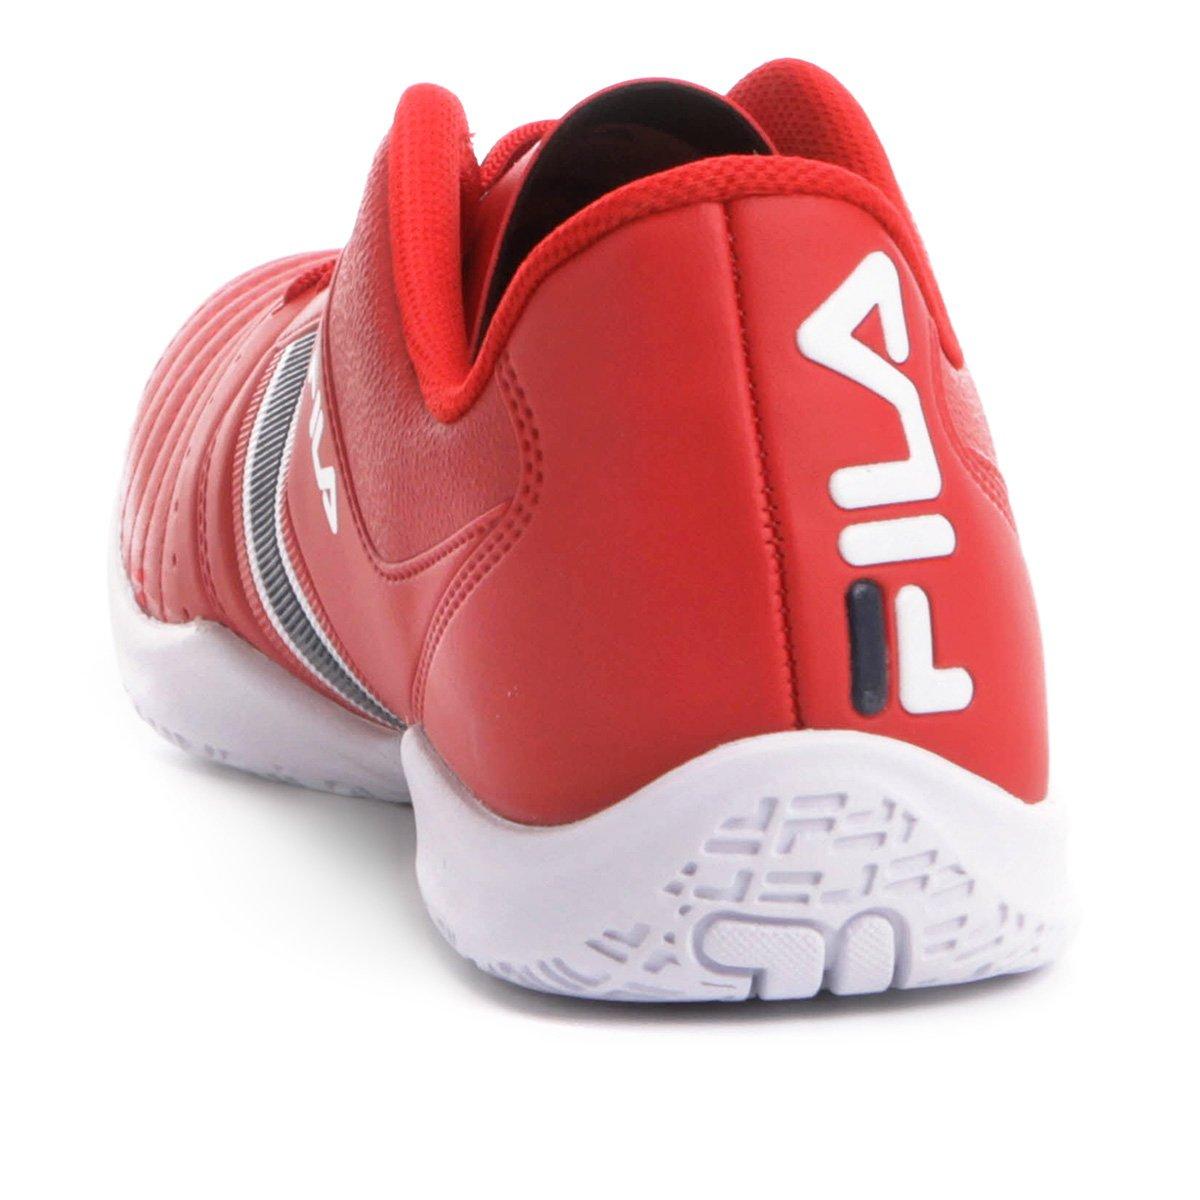 5cb2e70d444 Fila futsal shoes sale up to discounts jpg 1200x1200 Fila futsal shoes